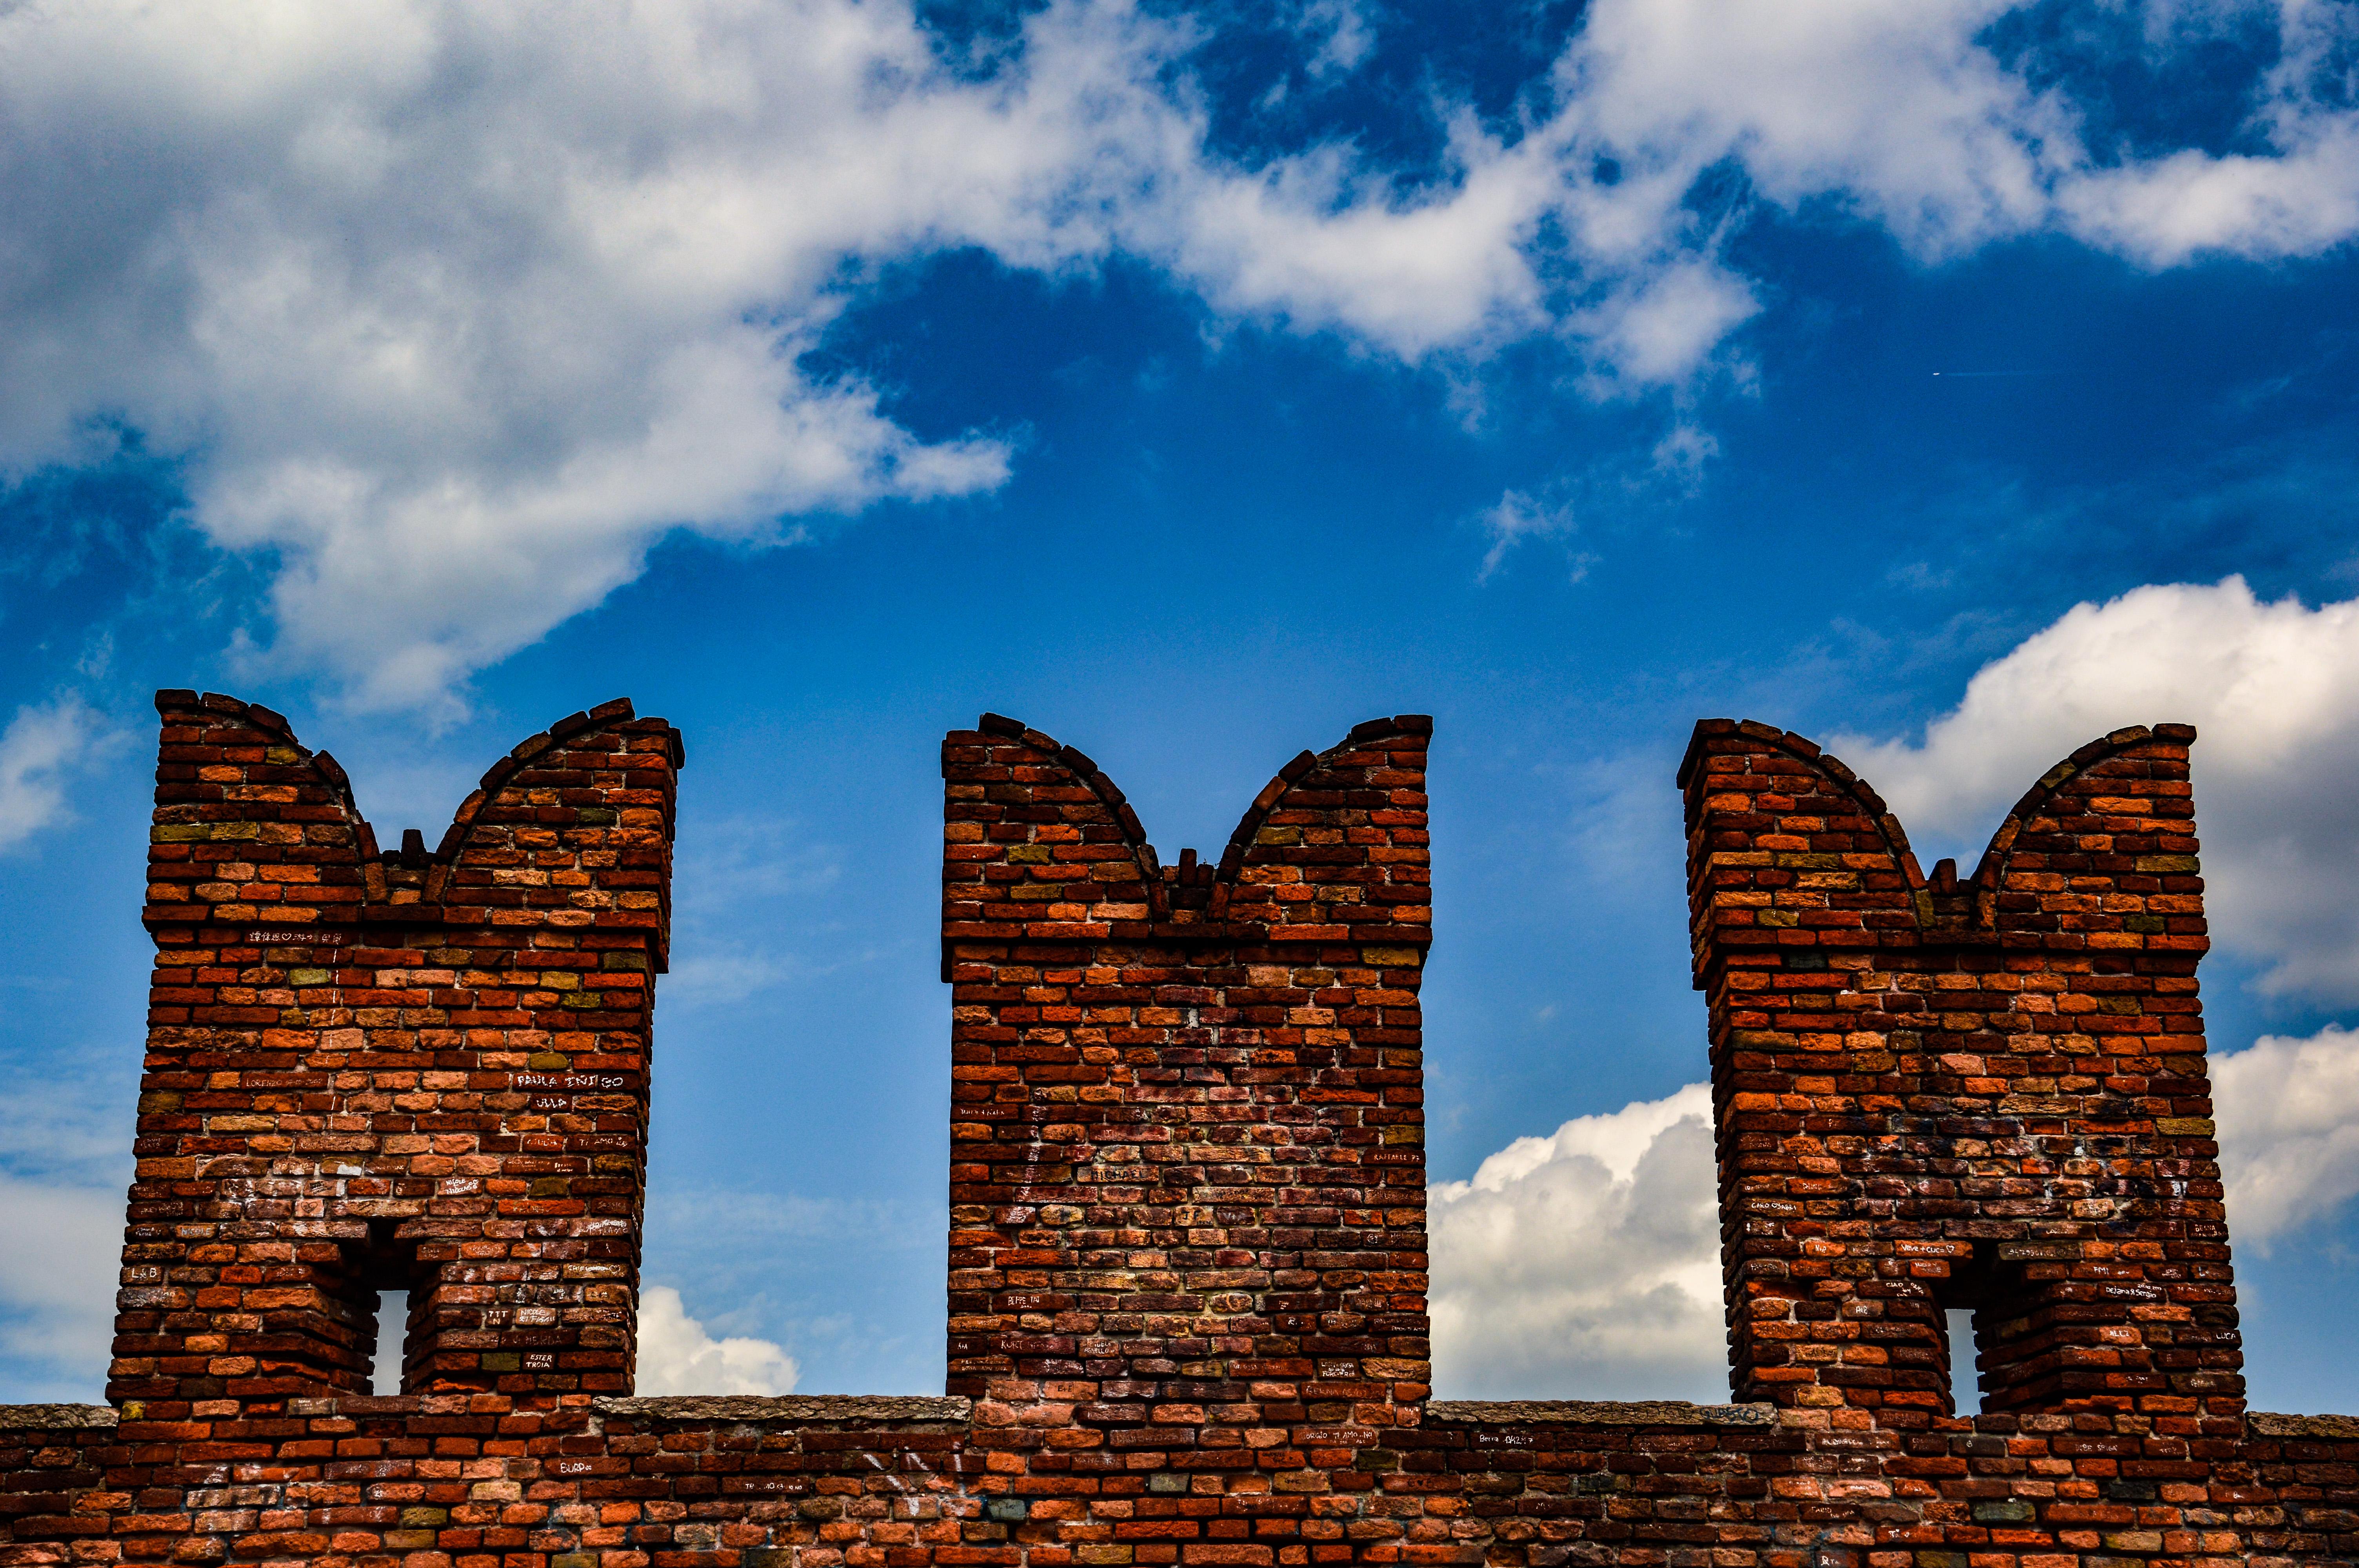 castello che si staglia su un cielo celeste con le nuvole e ti fa sentire piccolo